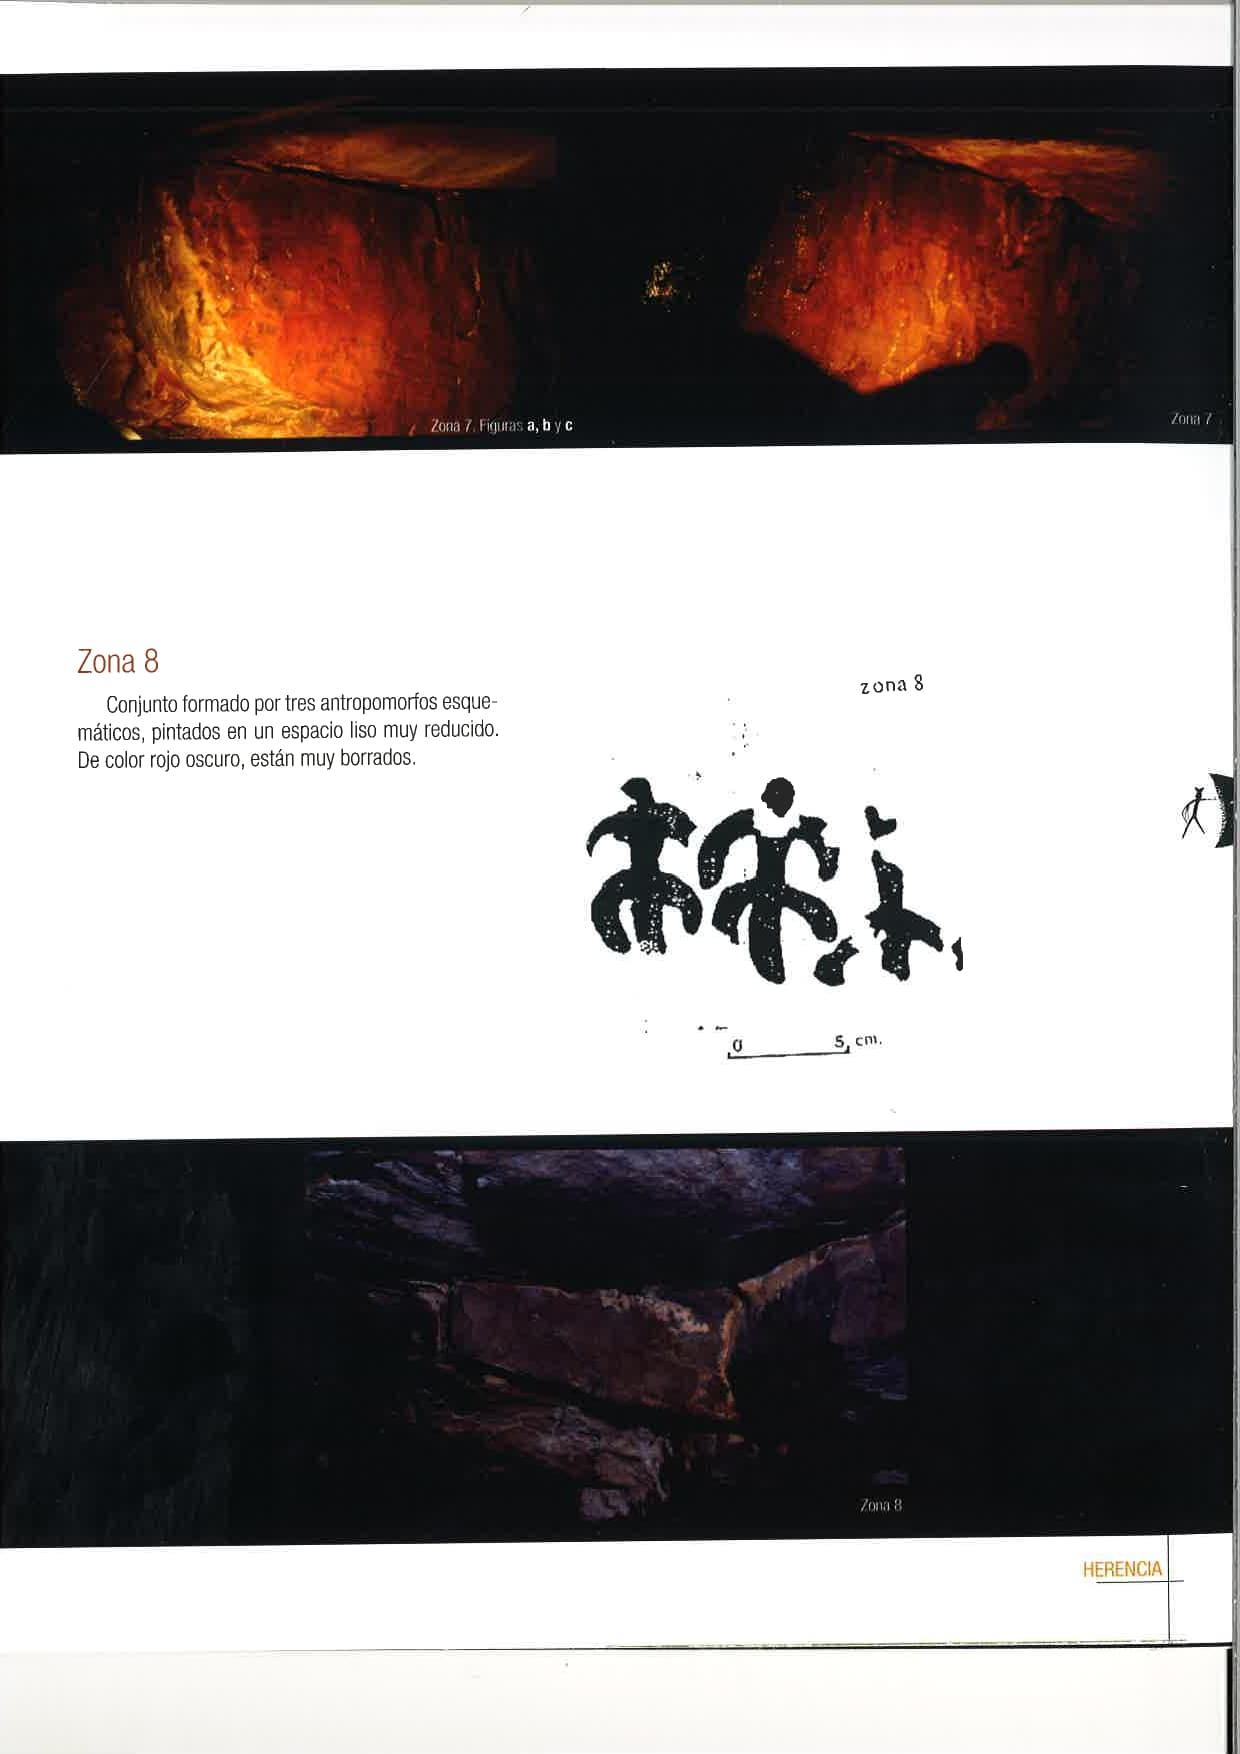 """la rendija herencia page 0014 - Herencia celebró el Día Europeo del Arte Rupestre con """"La Rendija"""""""